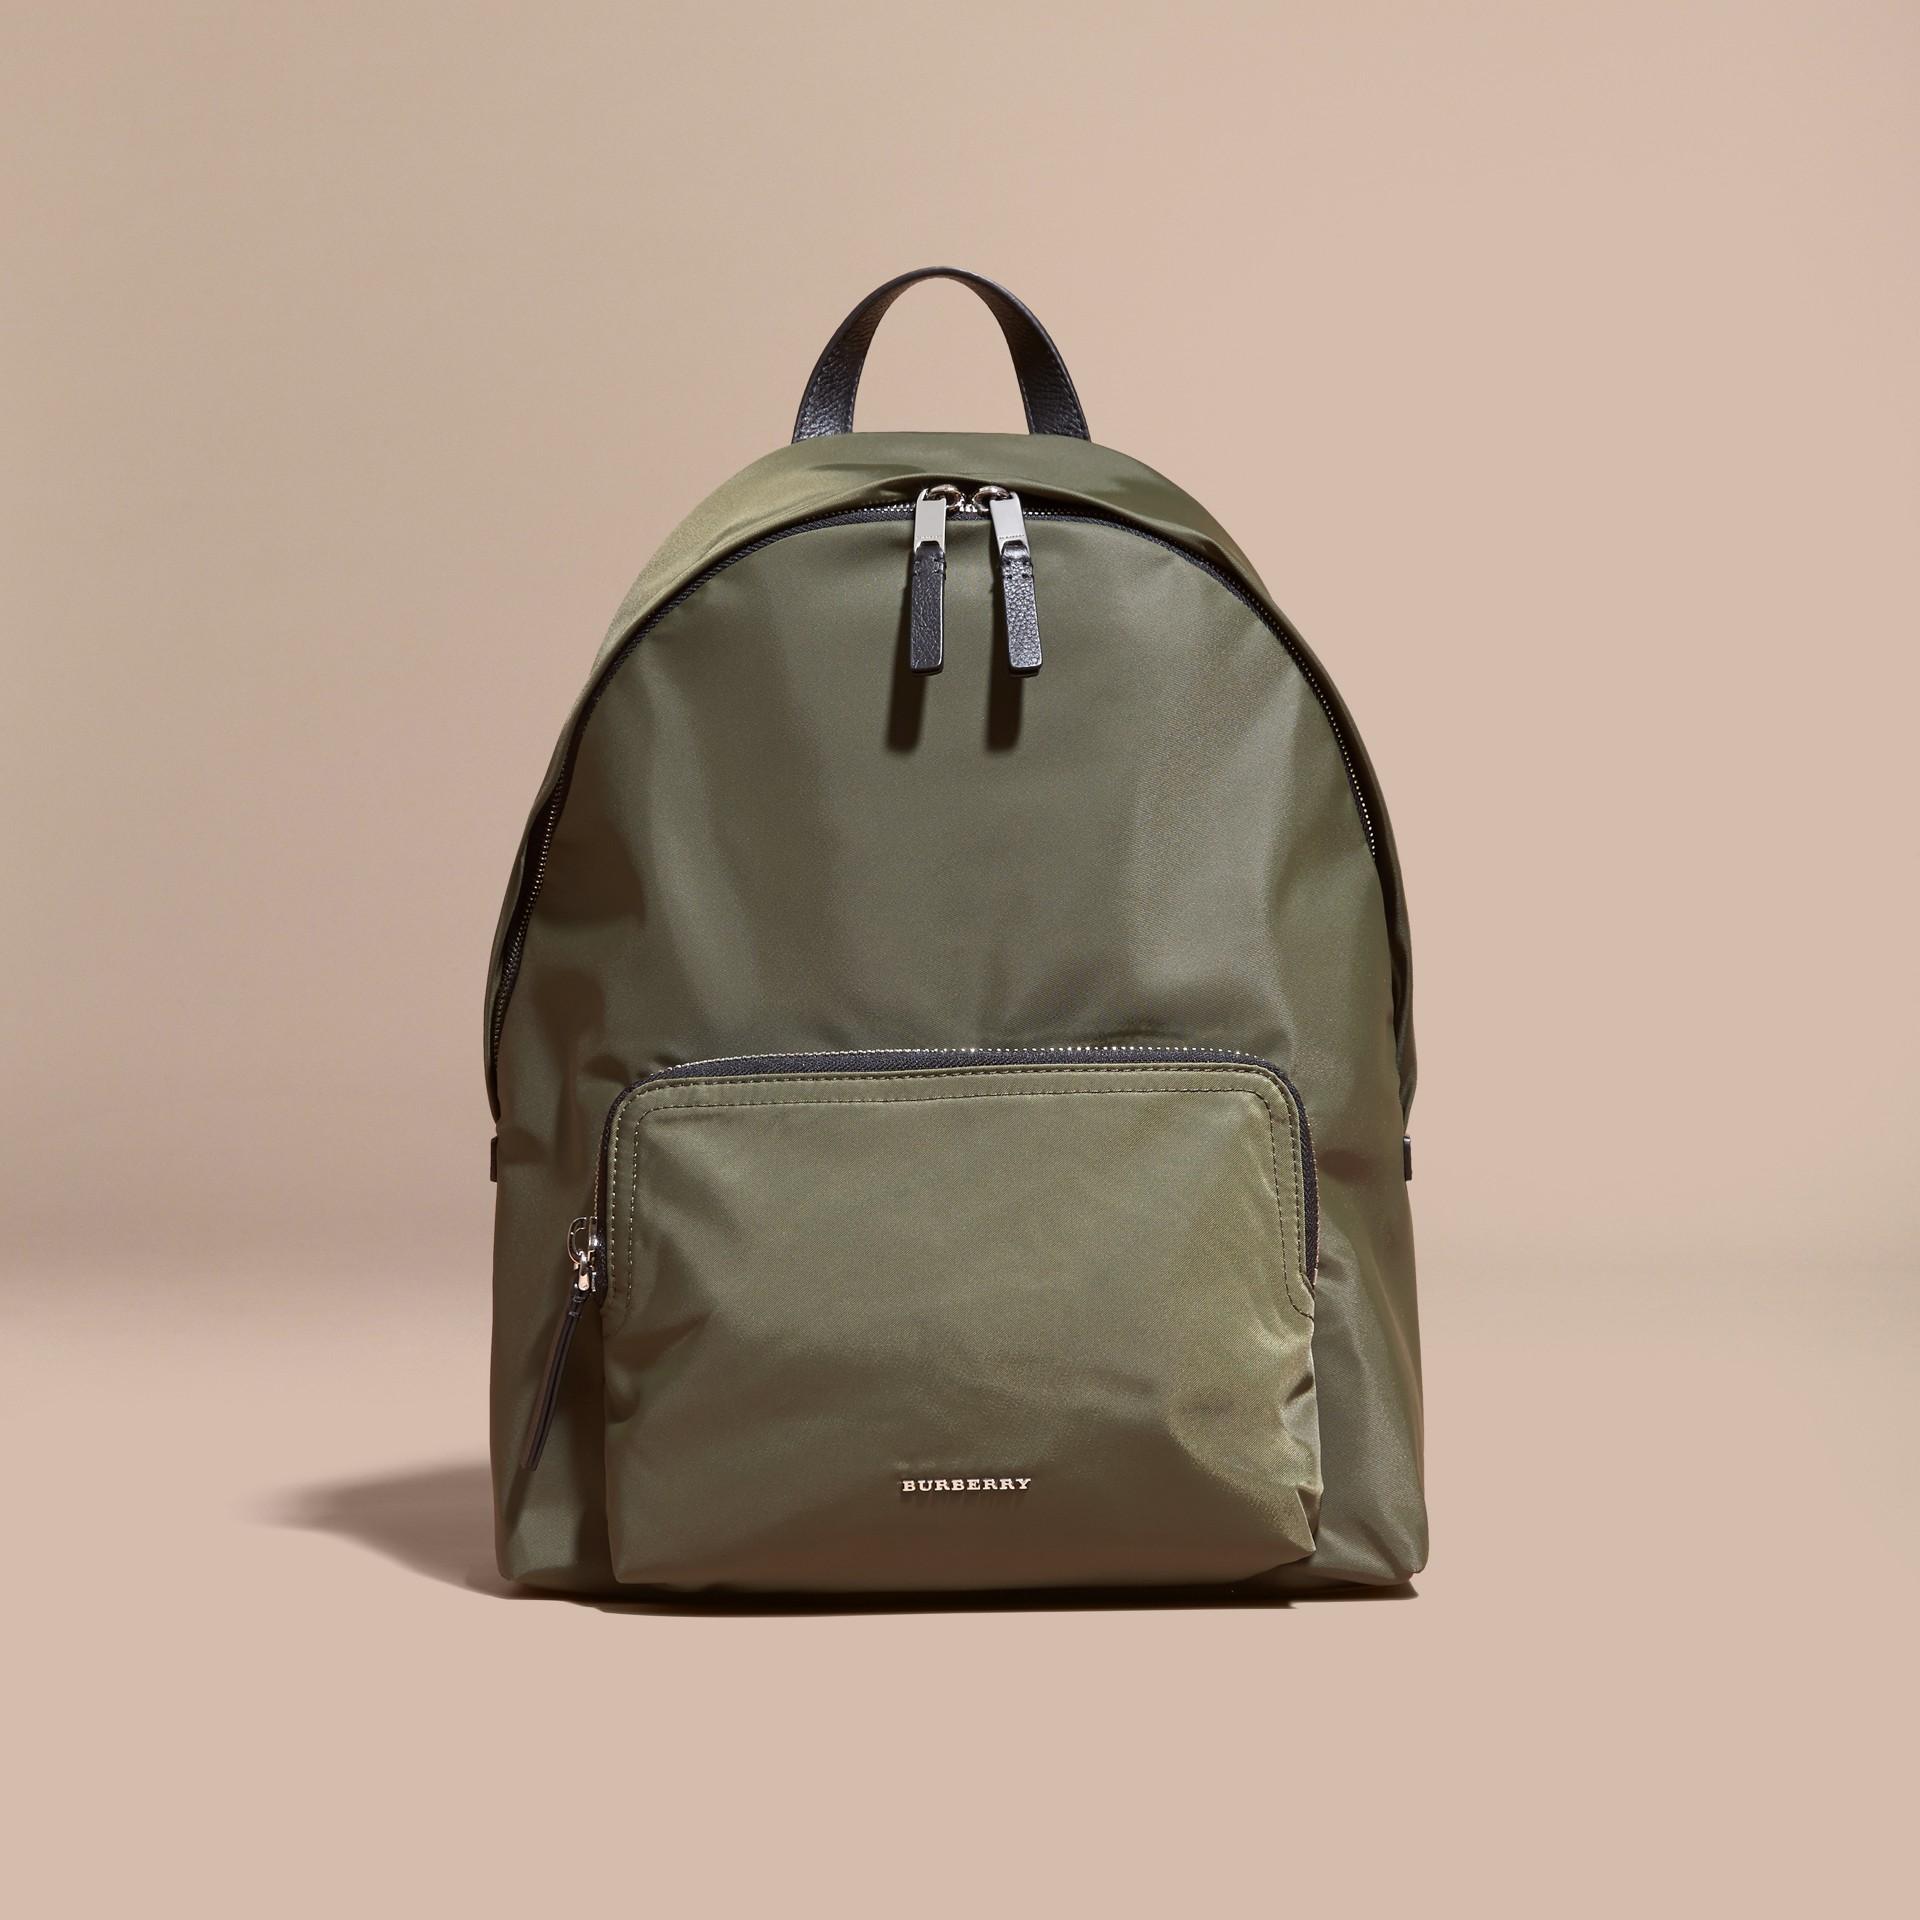 Verde tela Zaino in nylon con finiture in pelle Verde Tela - immagine della galleria 8